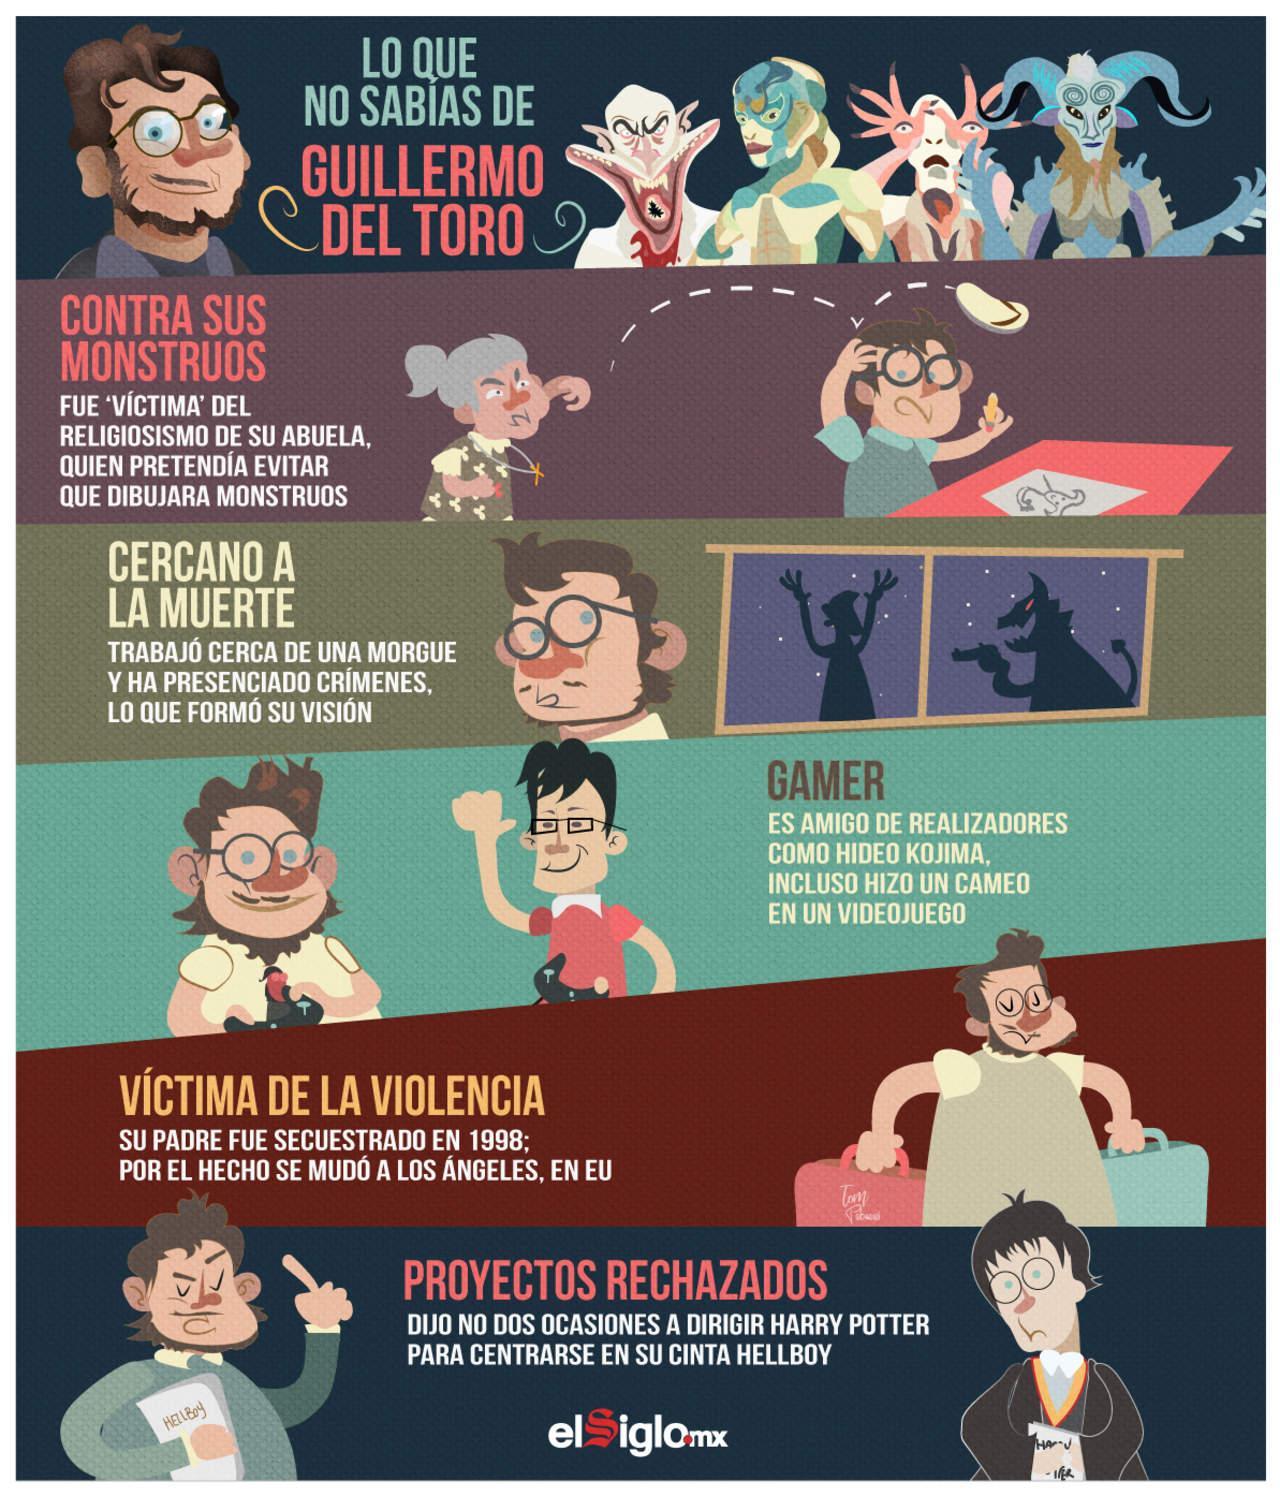 Lo que no sabías de Guillermo del Toro